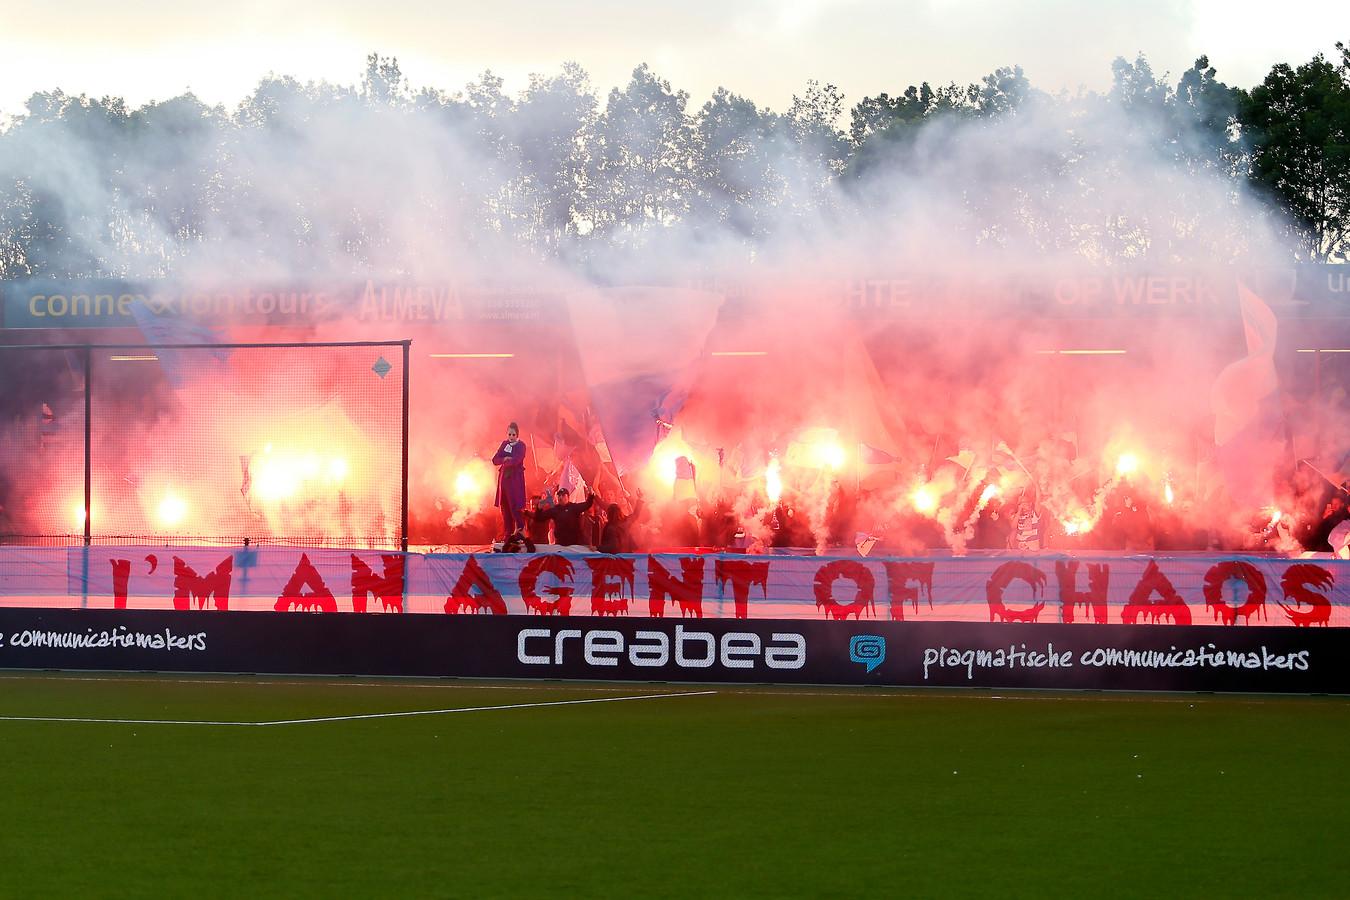 De sfeeractie met 'The Joker' van De Graafschap in het promotieduel bij Almere City FC.